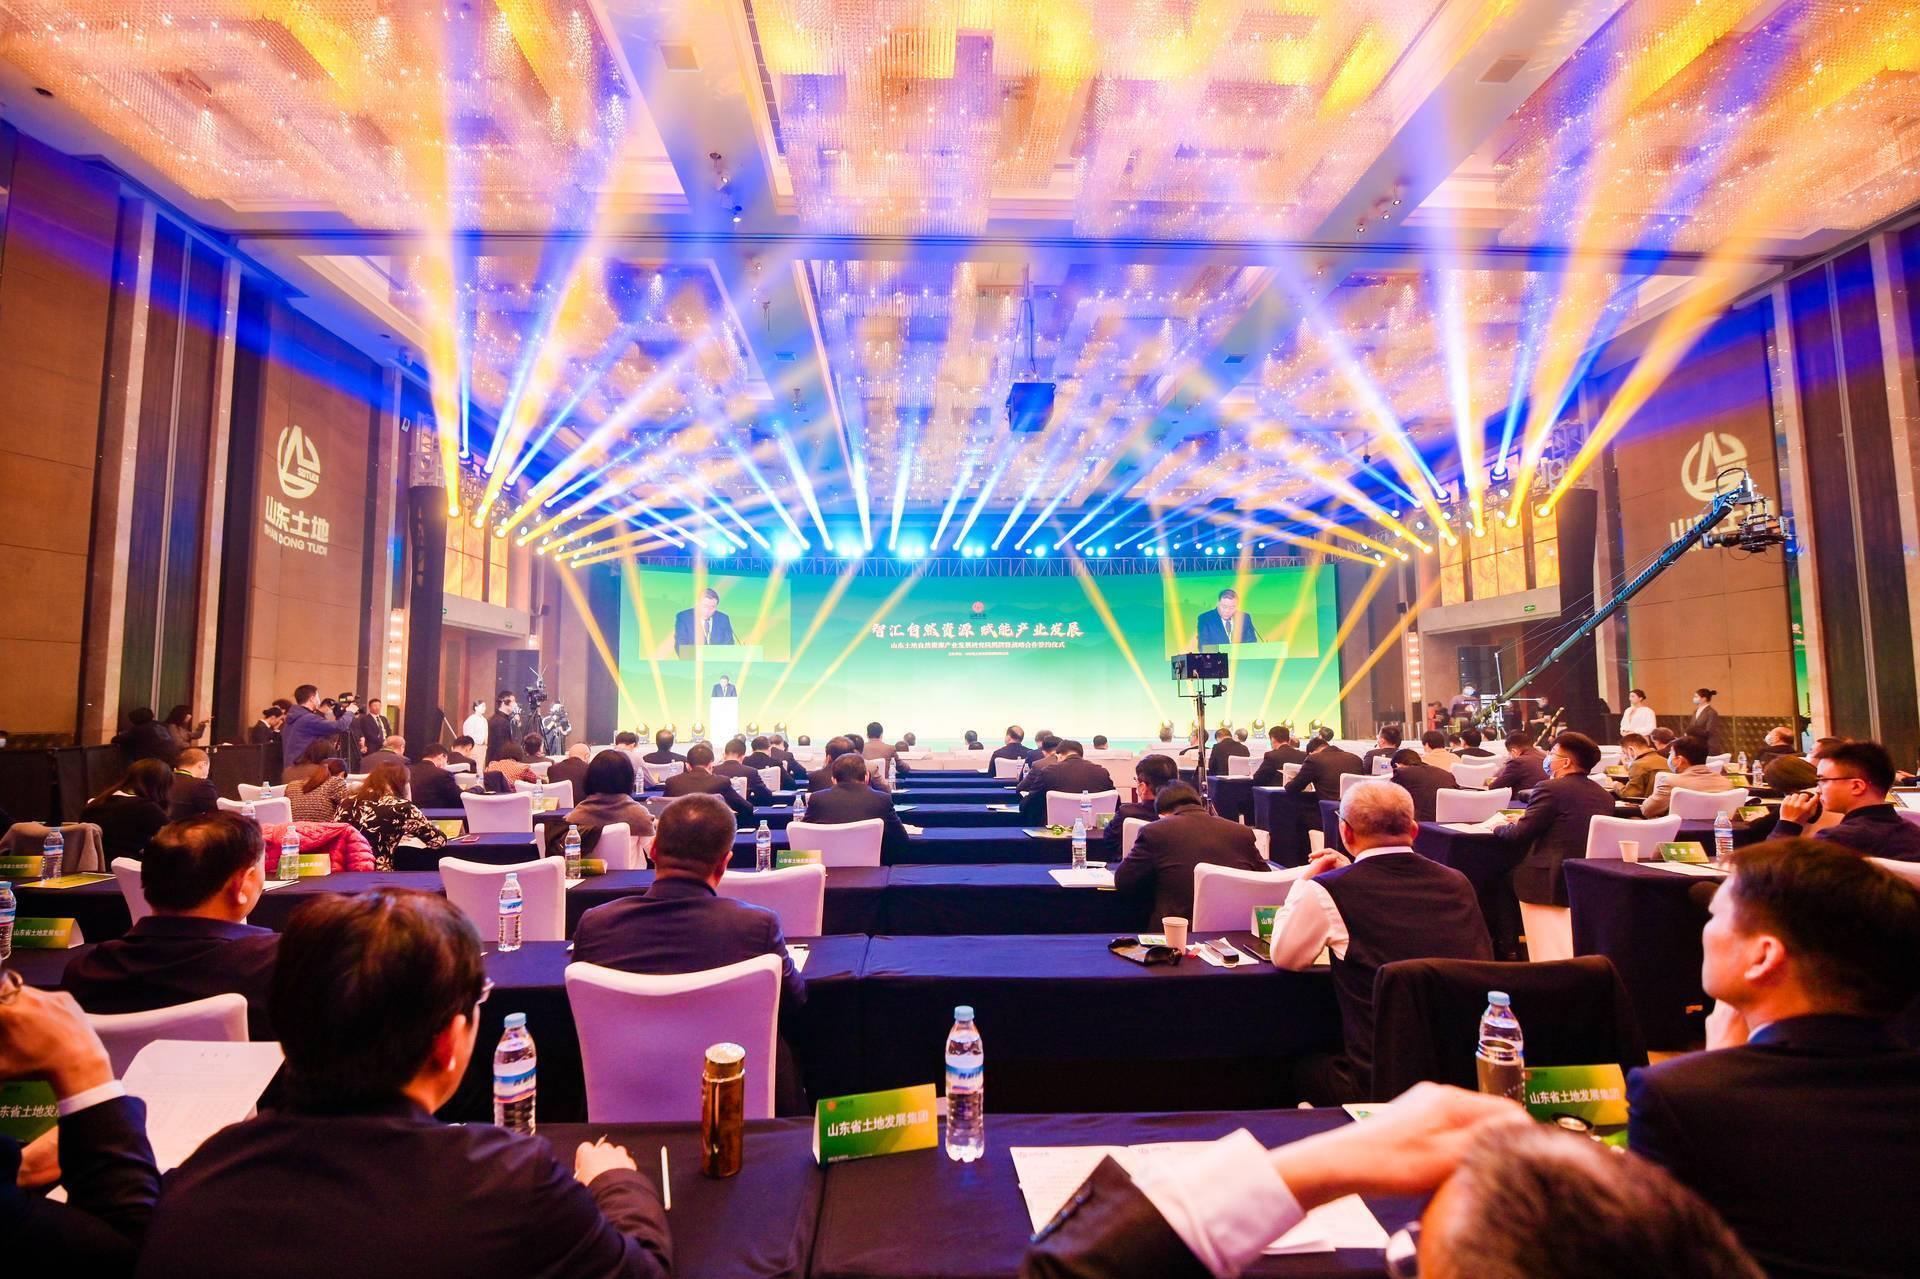 山东土地自然资源产业发展研究院揭牌暨战略合作签约仪式在济南举行